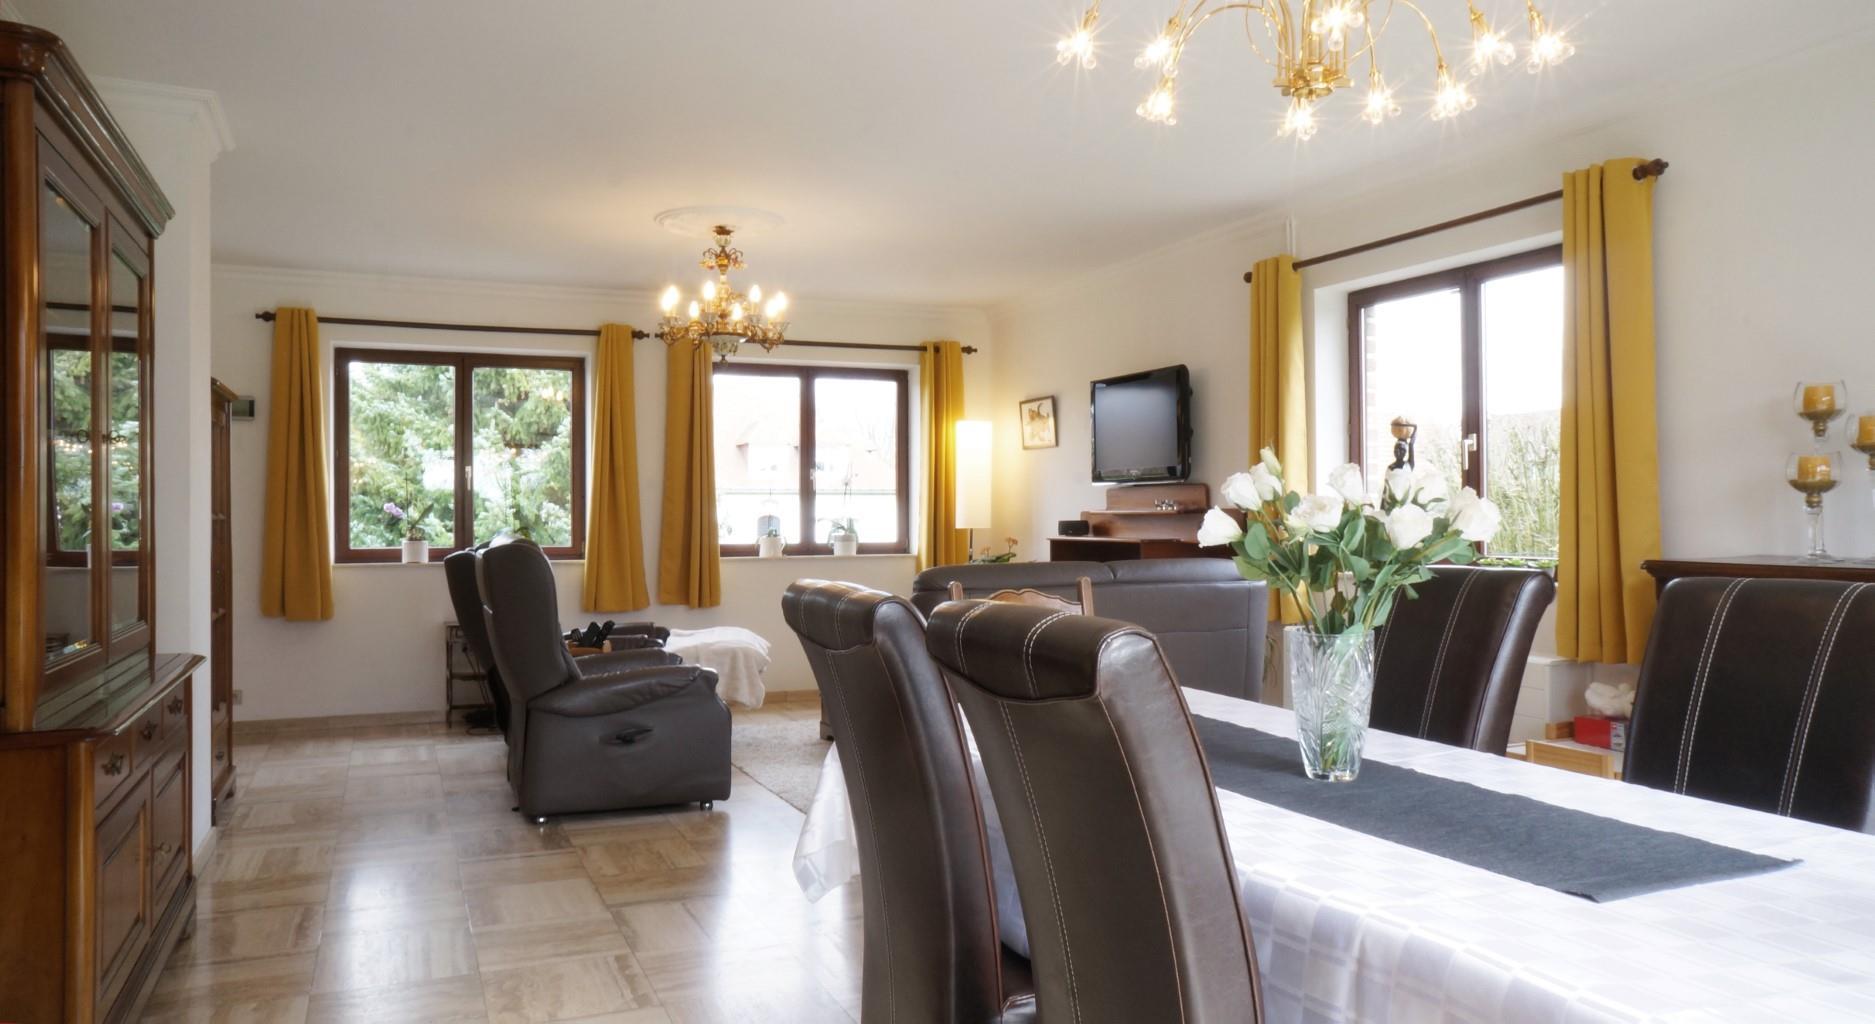 Maison - Perwez Thorembais-Saint-Trond - #4027352-3